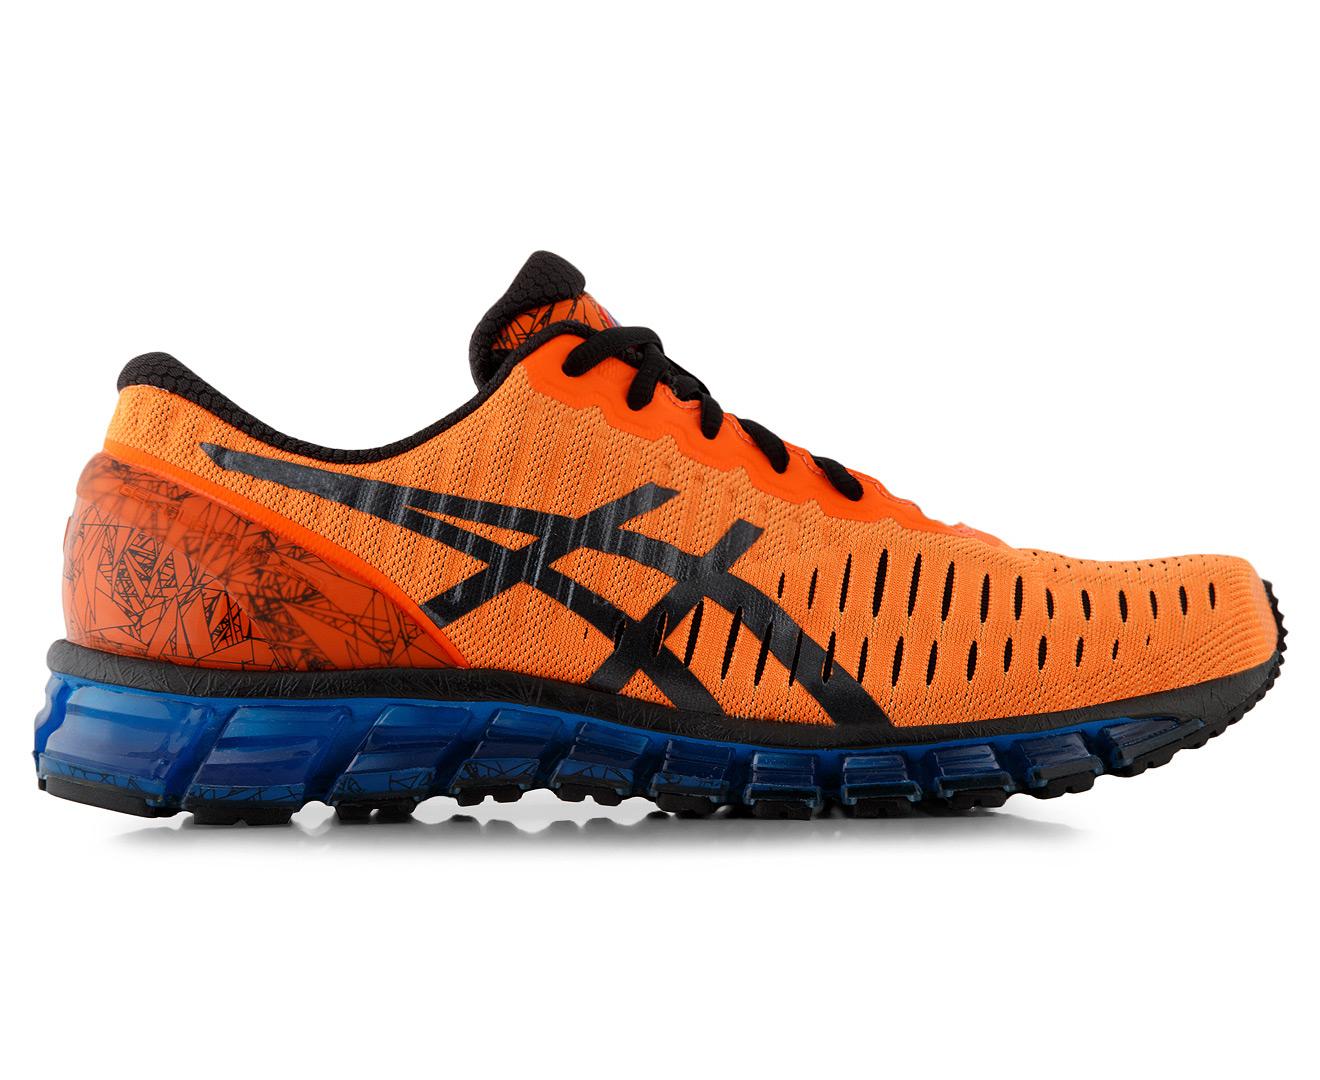 Catch au | ASICS Men's GELQuantum 360 Shoe  Hot Orange